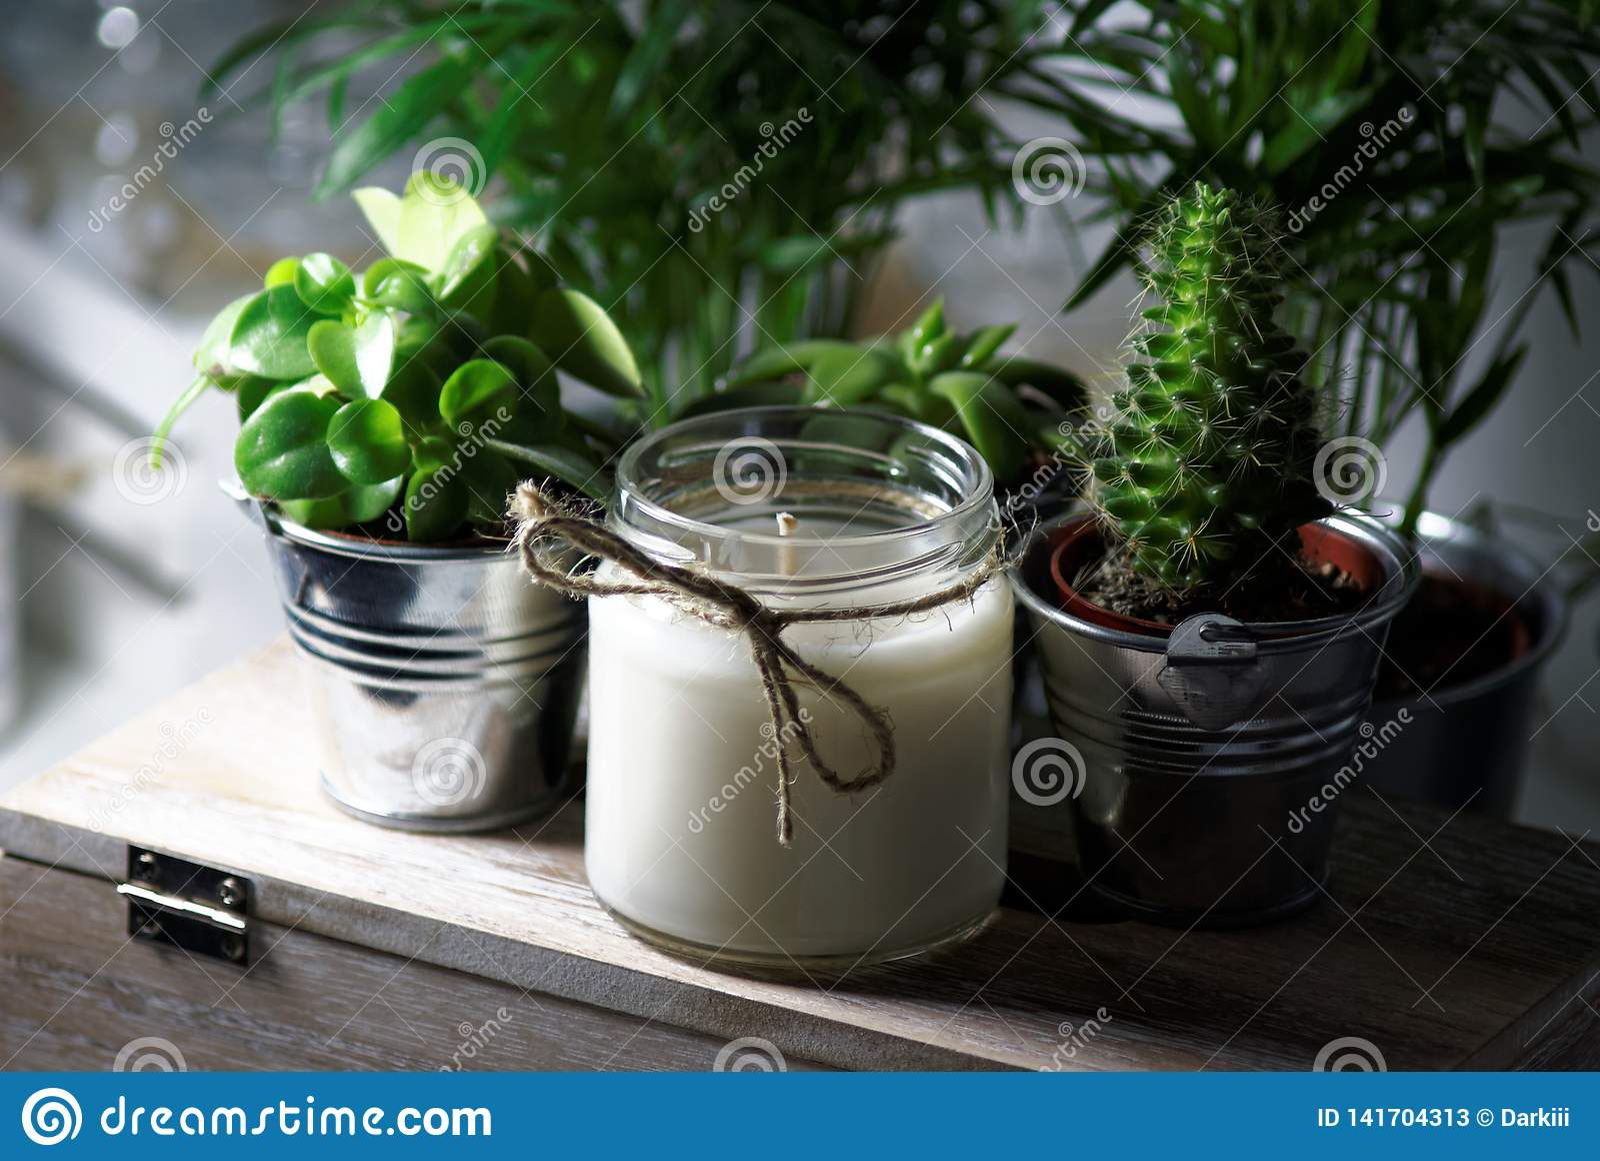 Kerze zwischen Succulents